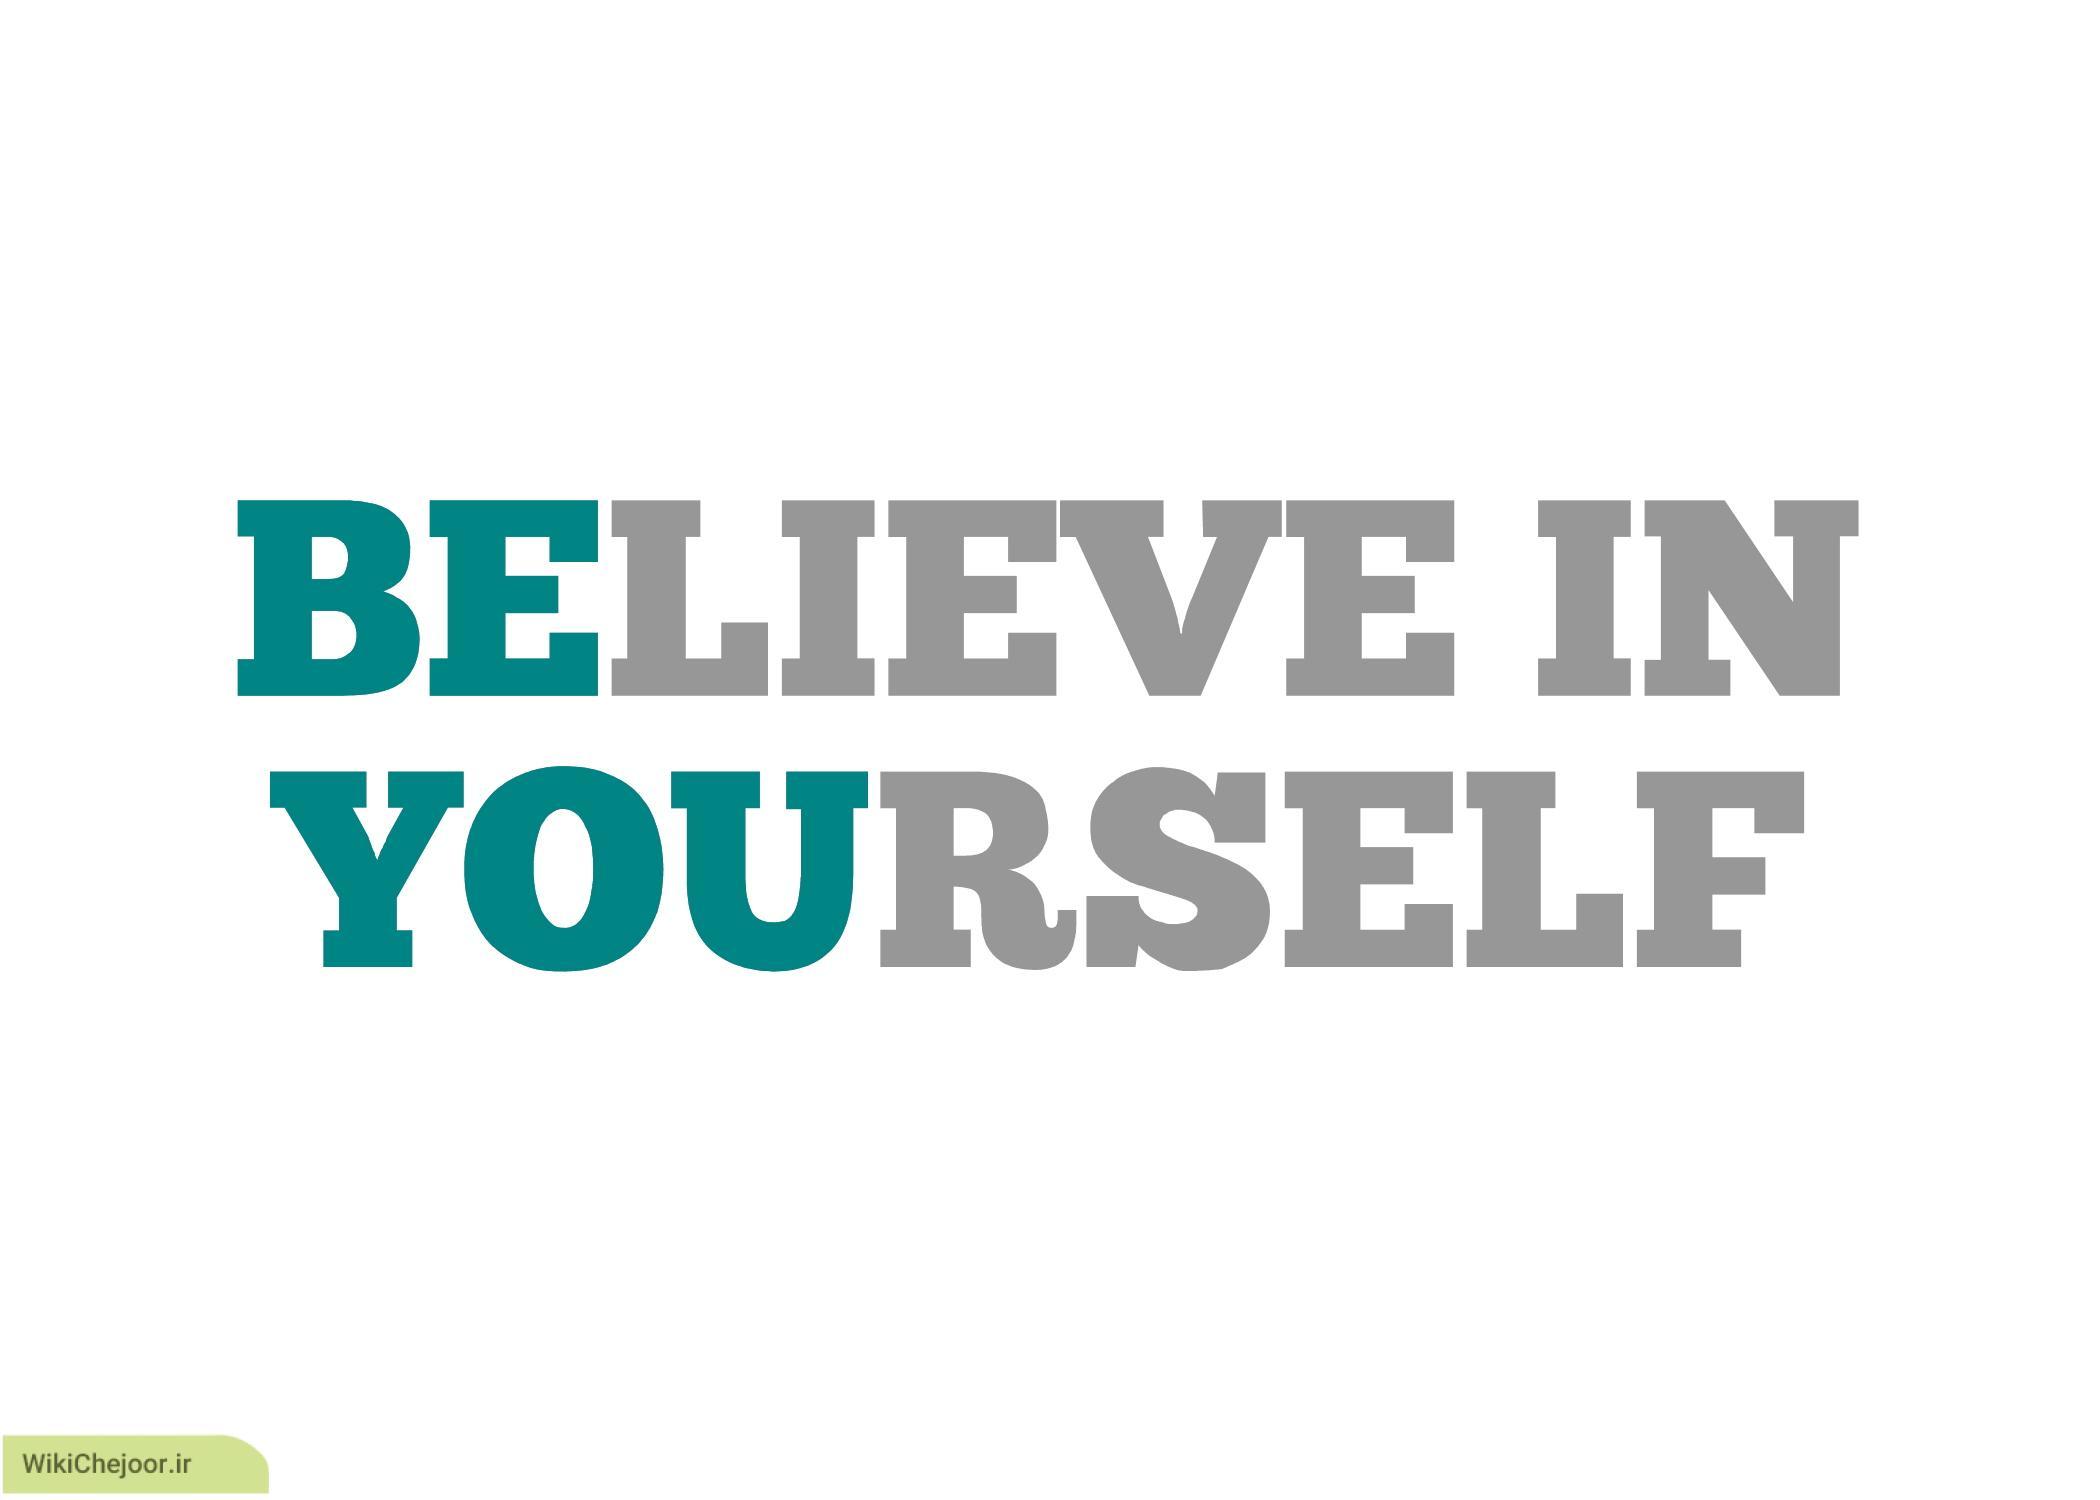 چطور یک ورود مطمئن و با اعتماد به نفس به محیط کارمان داشته باشیم؟